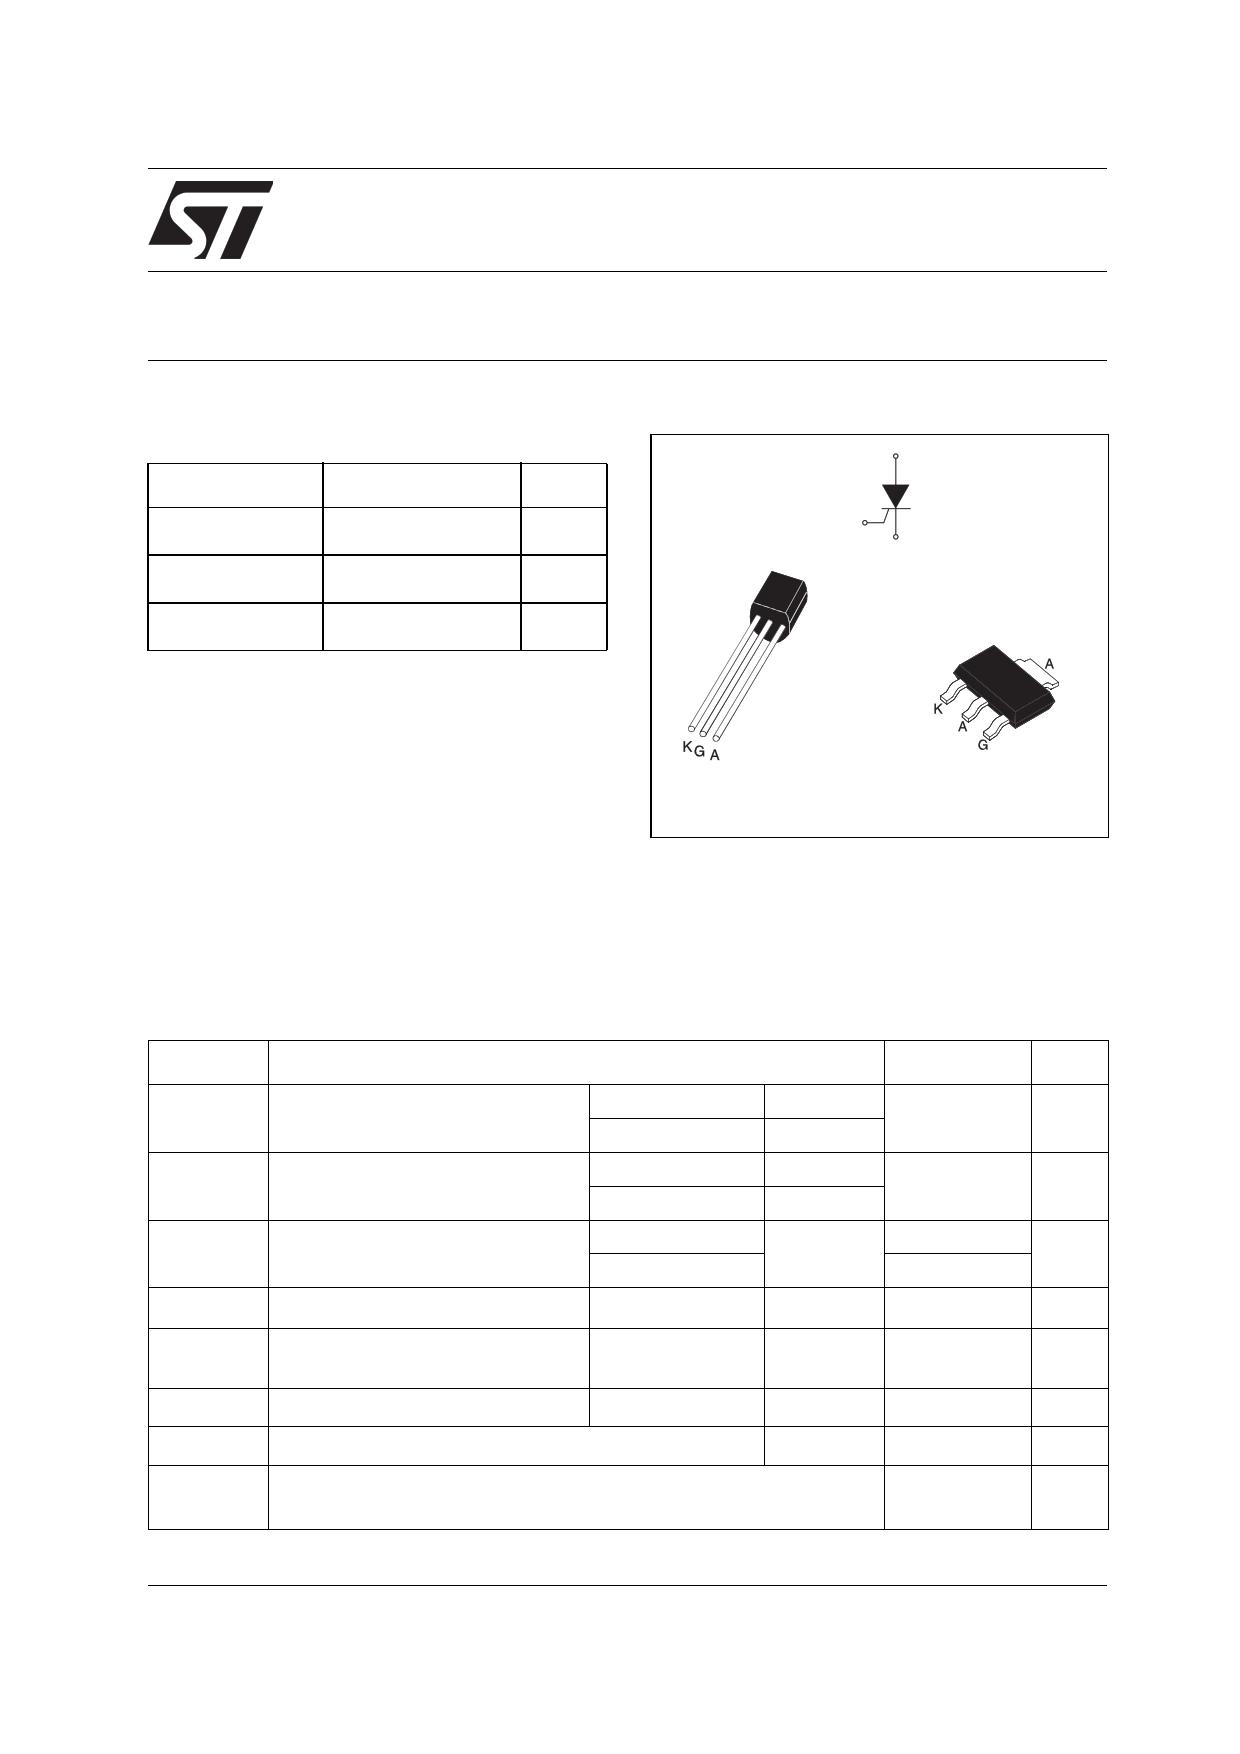 X0205yN5BA4 Hoja de datos, Descripción, Manual